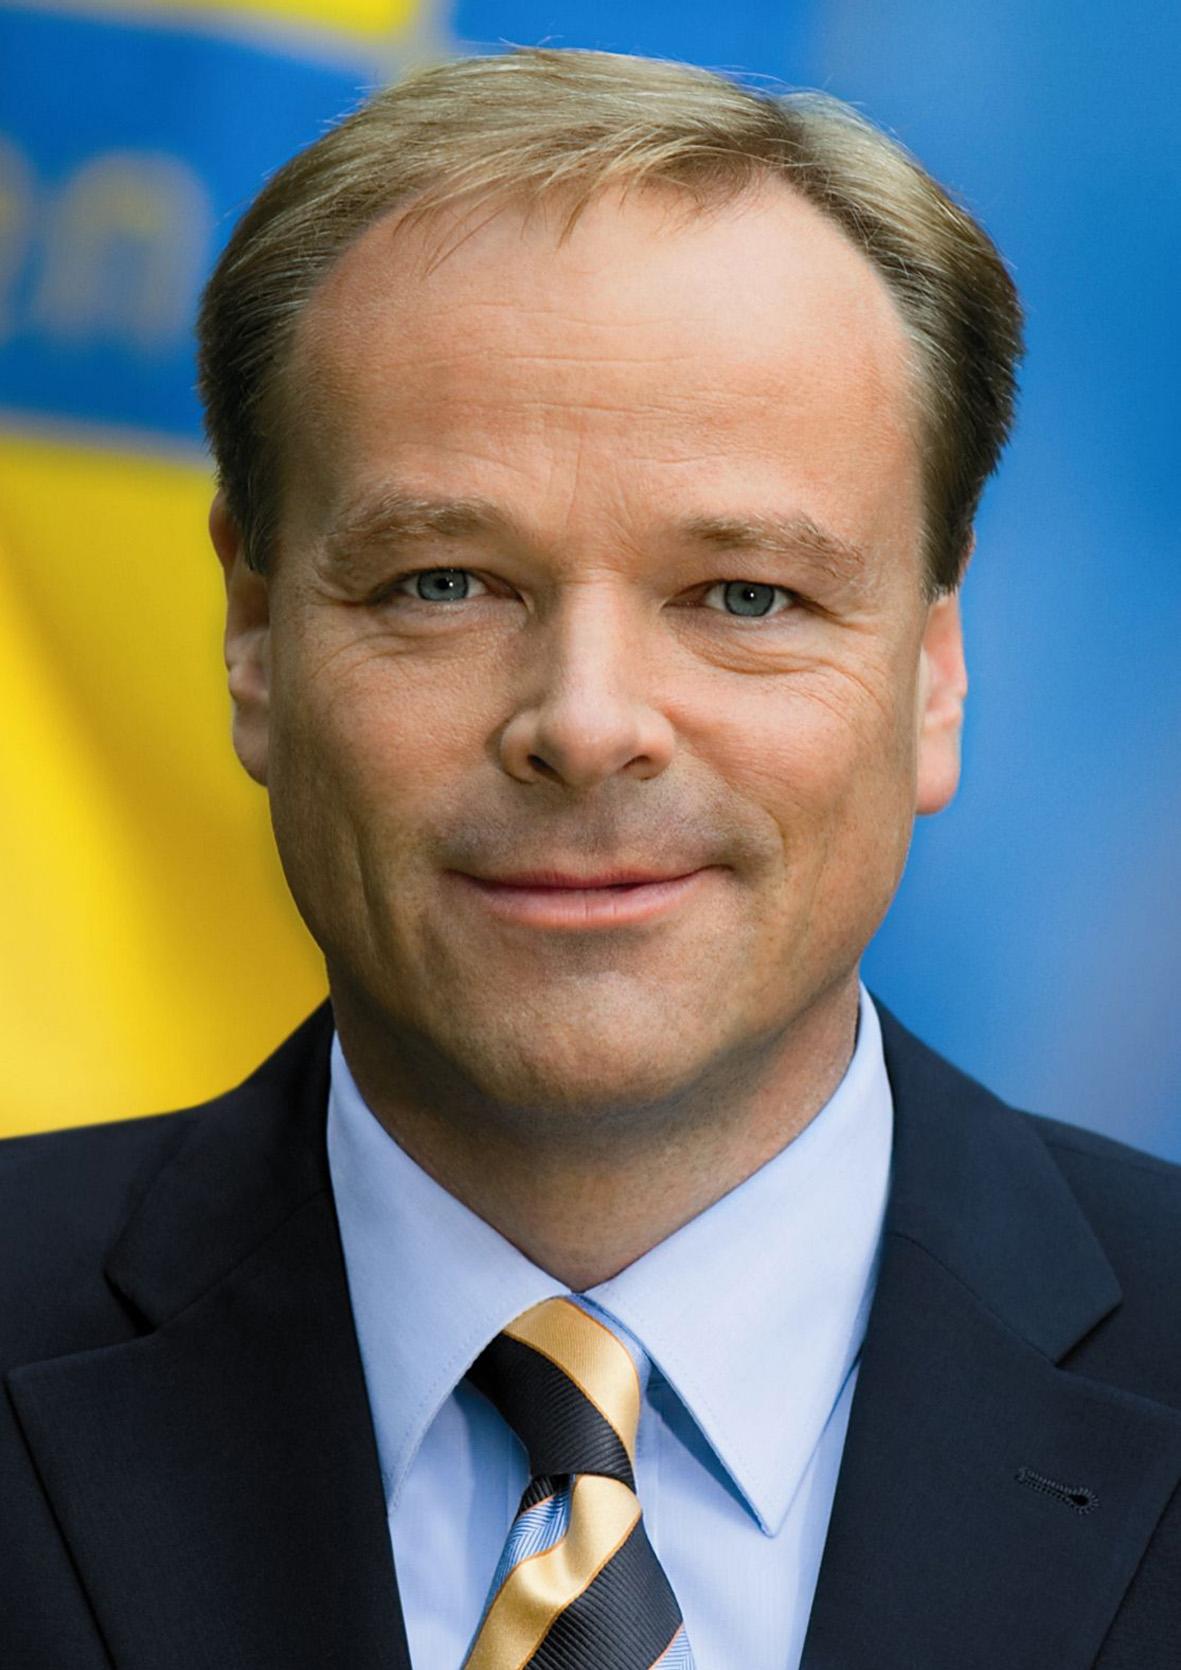 Dirk Niebel Freie Demokraten BadenWuerttemberg